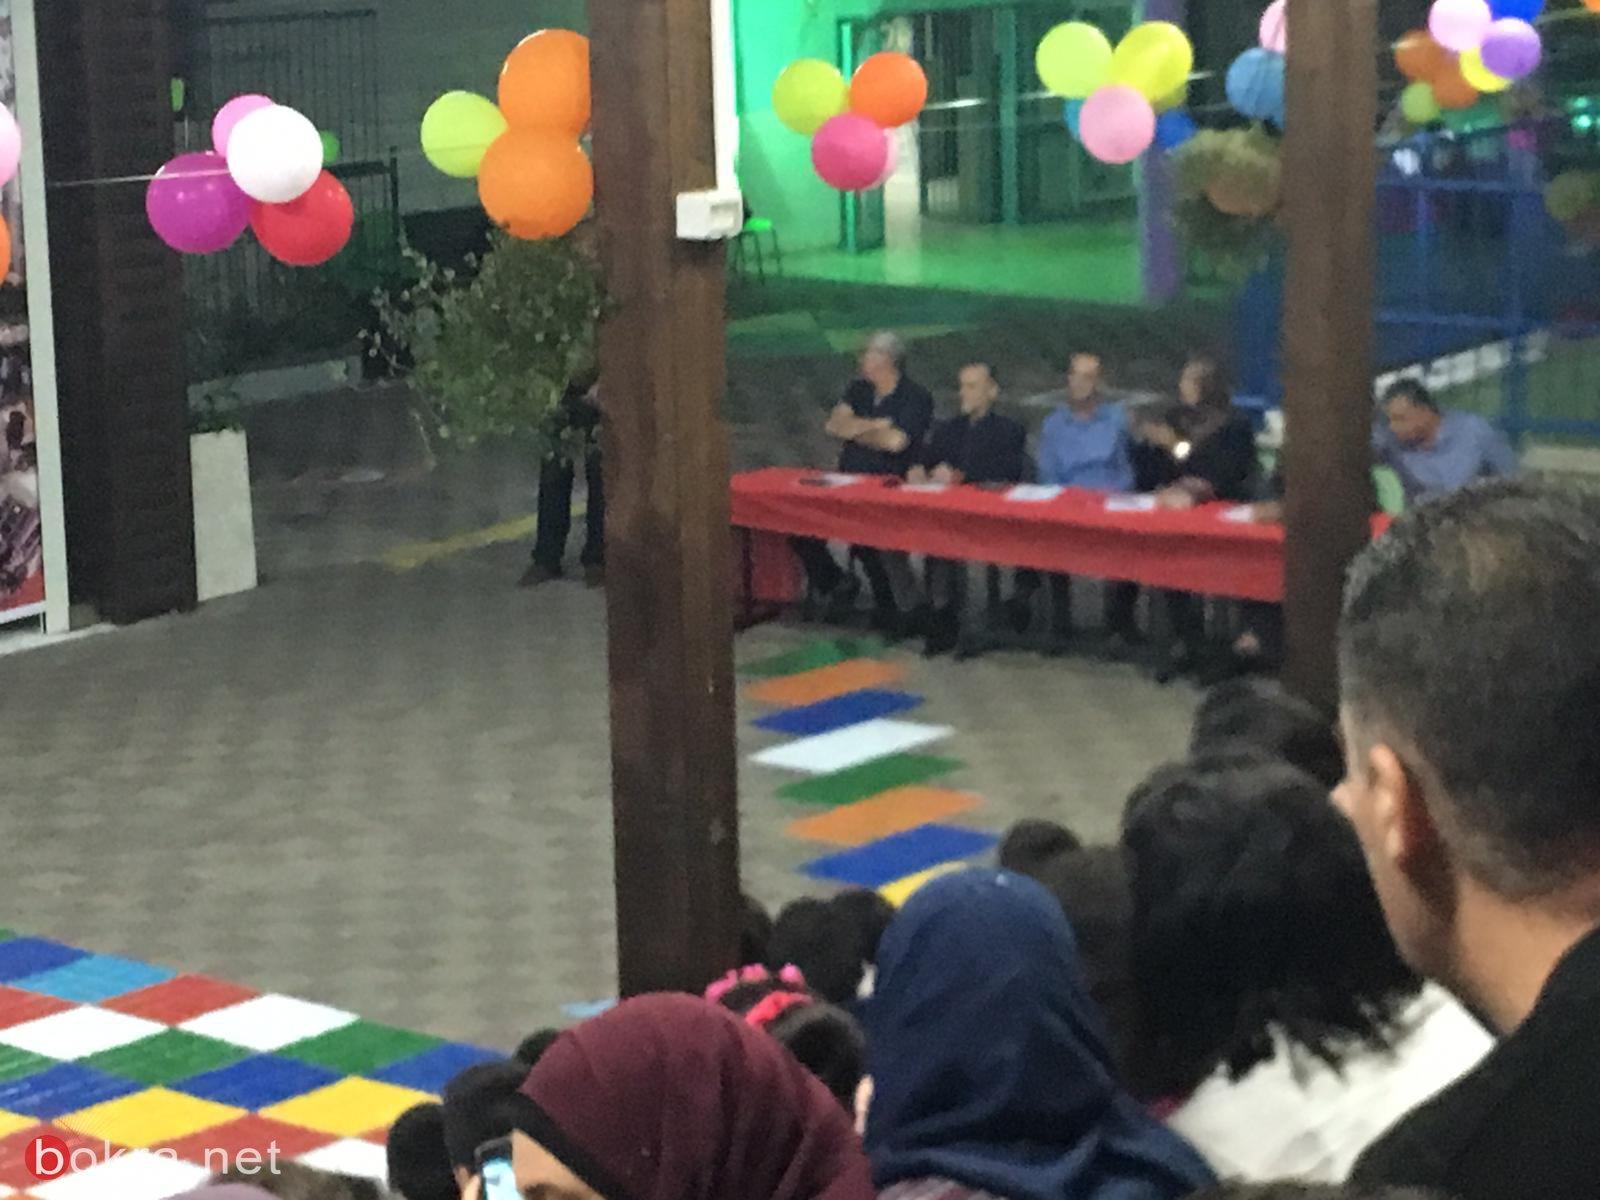 سخنين: أمسية ثقافية فرسانها طلاب مدرسة الصفا. ..في مدرستنا مهارات تَنْسِجُ الإبْداعات